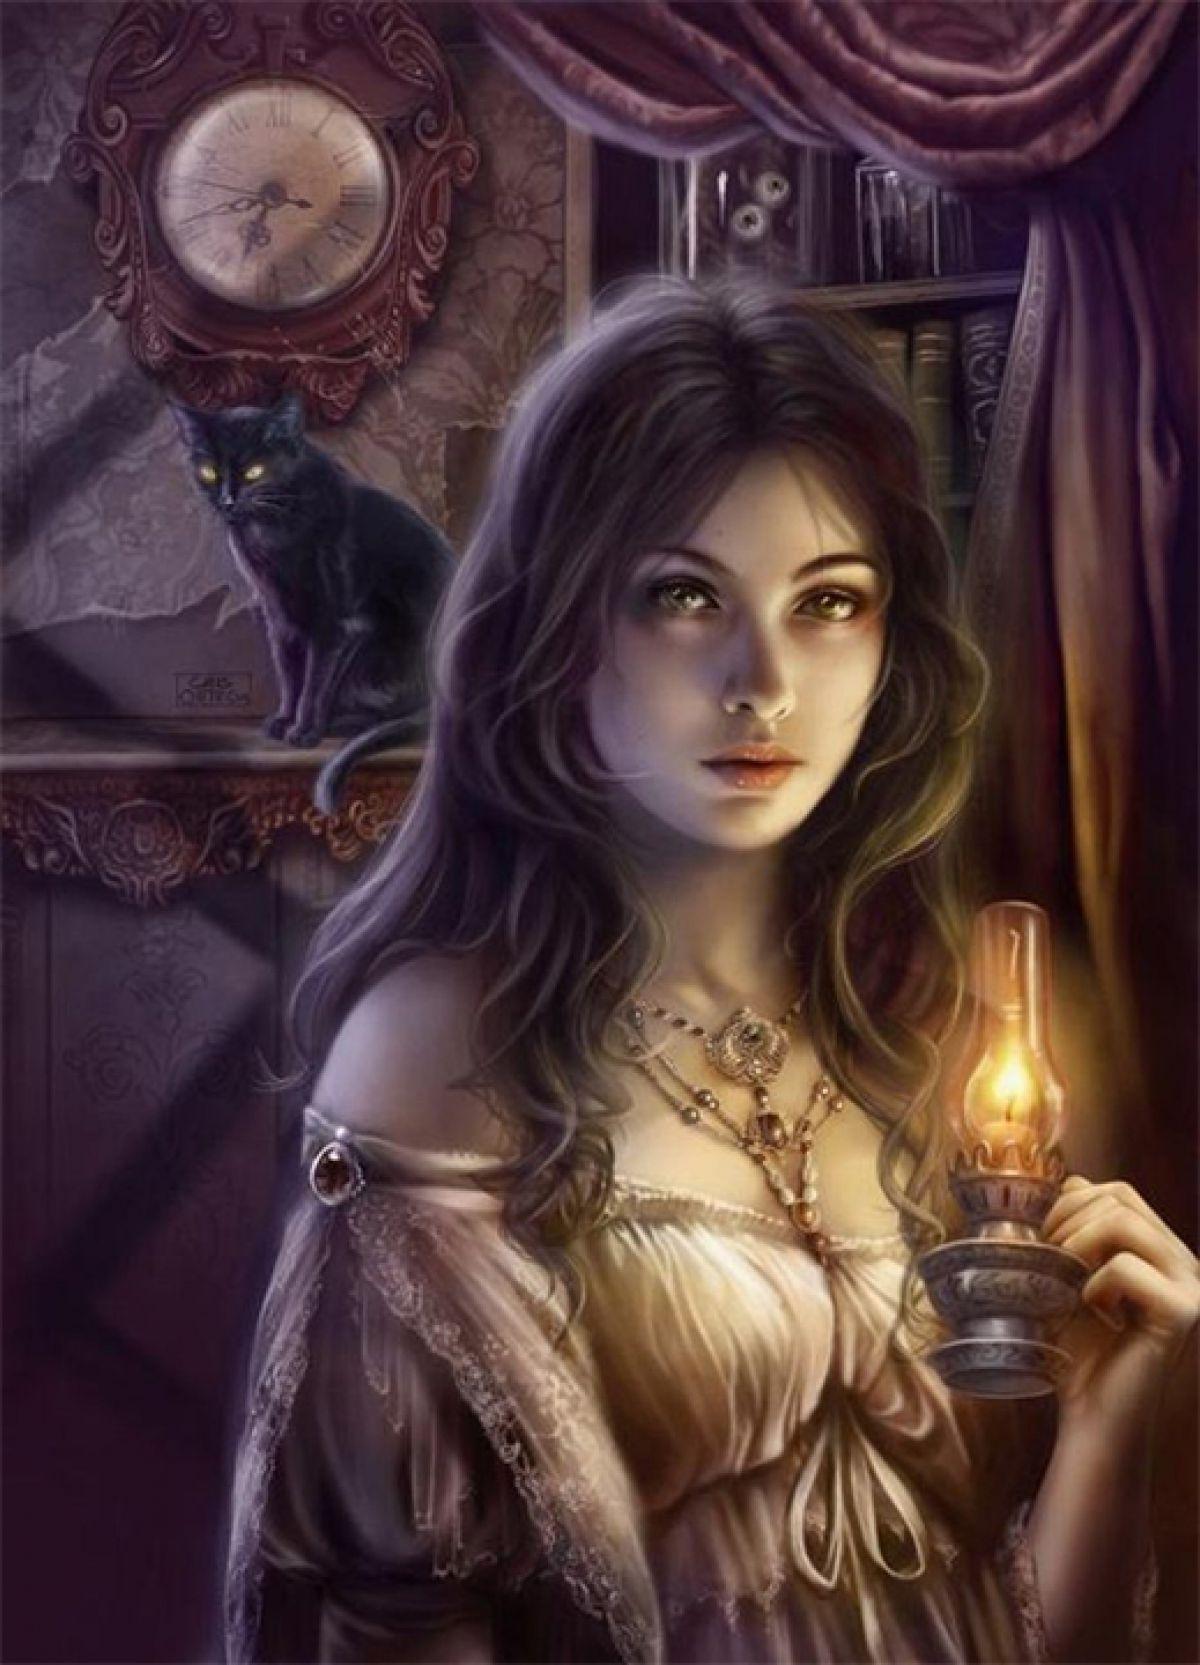 Из-за чего в 1692 году женщину могли обозвать «ведьмой» и отправить на костер